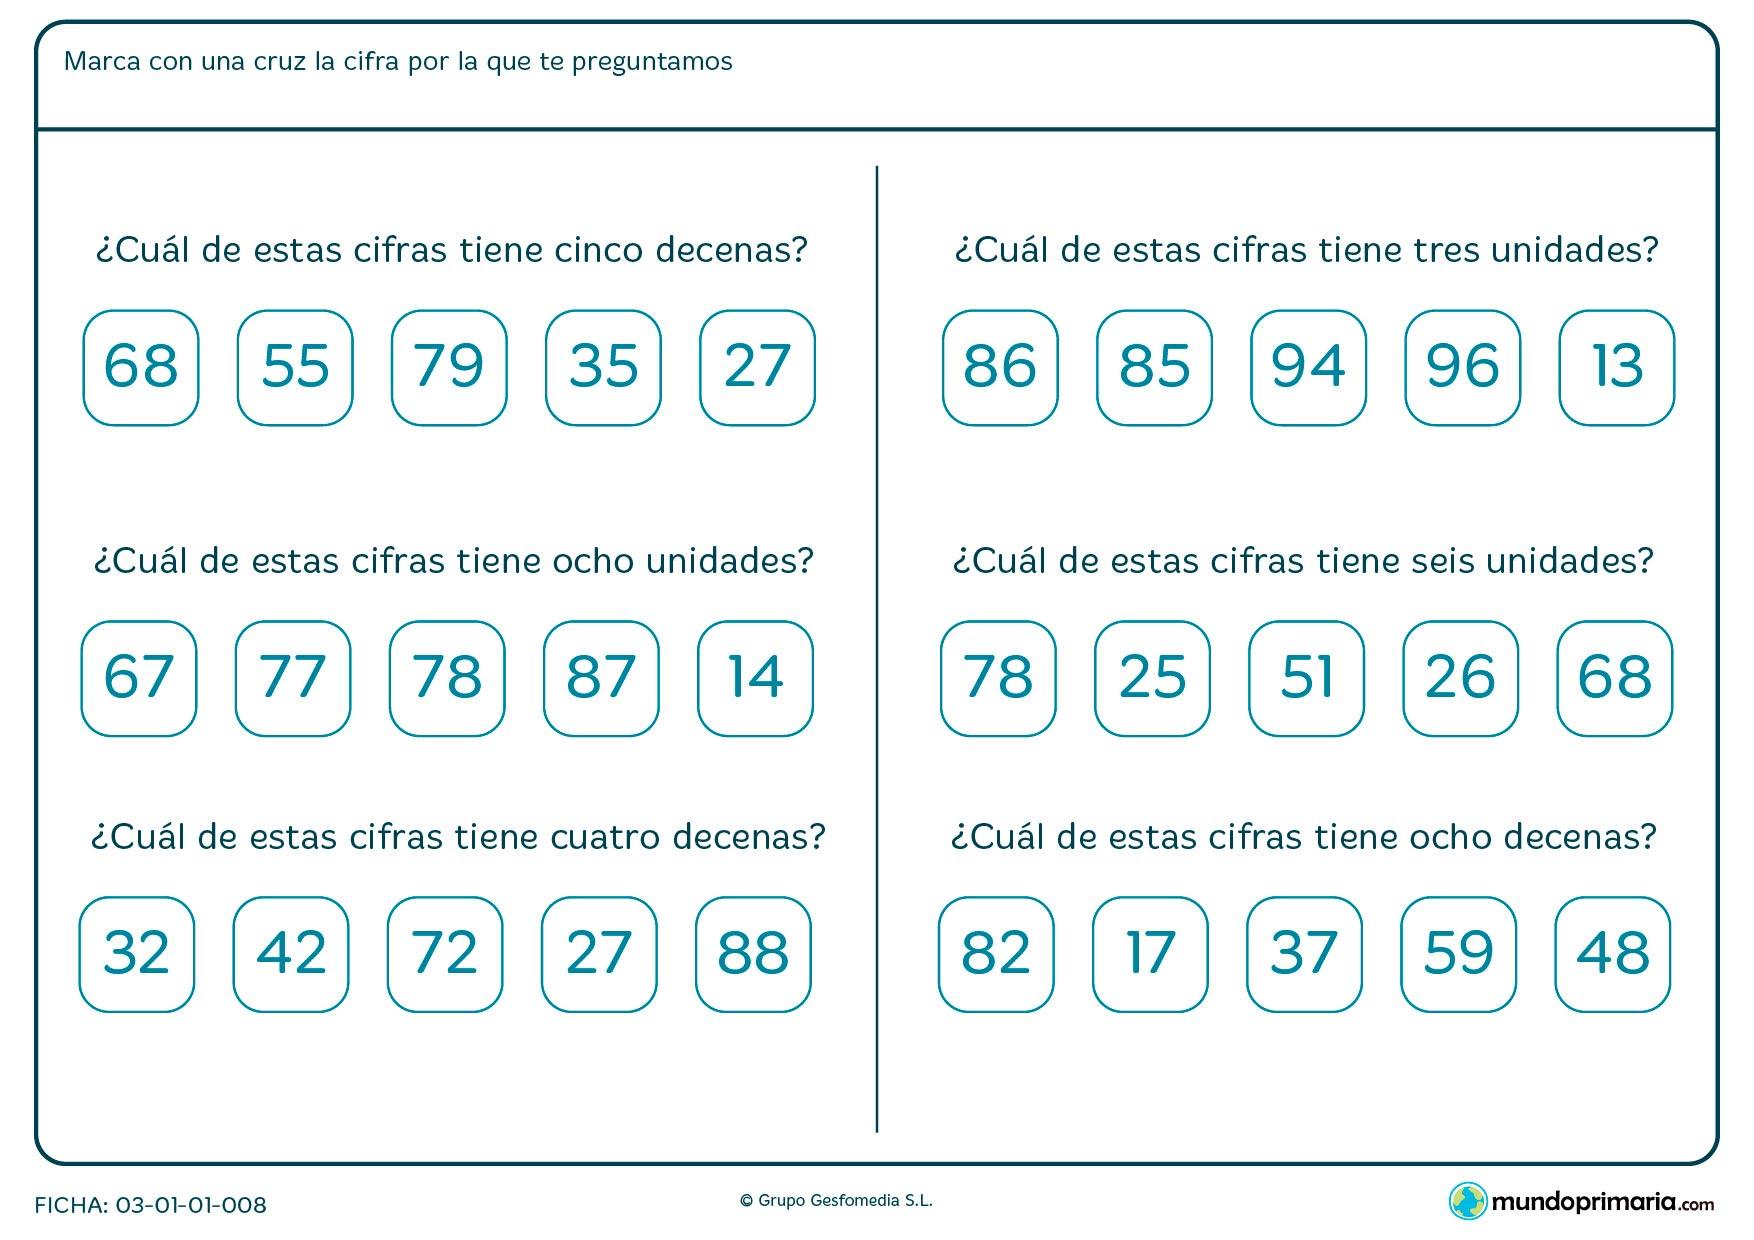 Ficha de marcar el número según sus unidades o decenas en el que hay que elegir la respuesta que creas correcta.